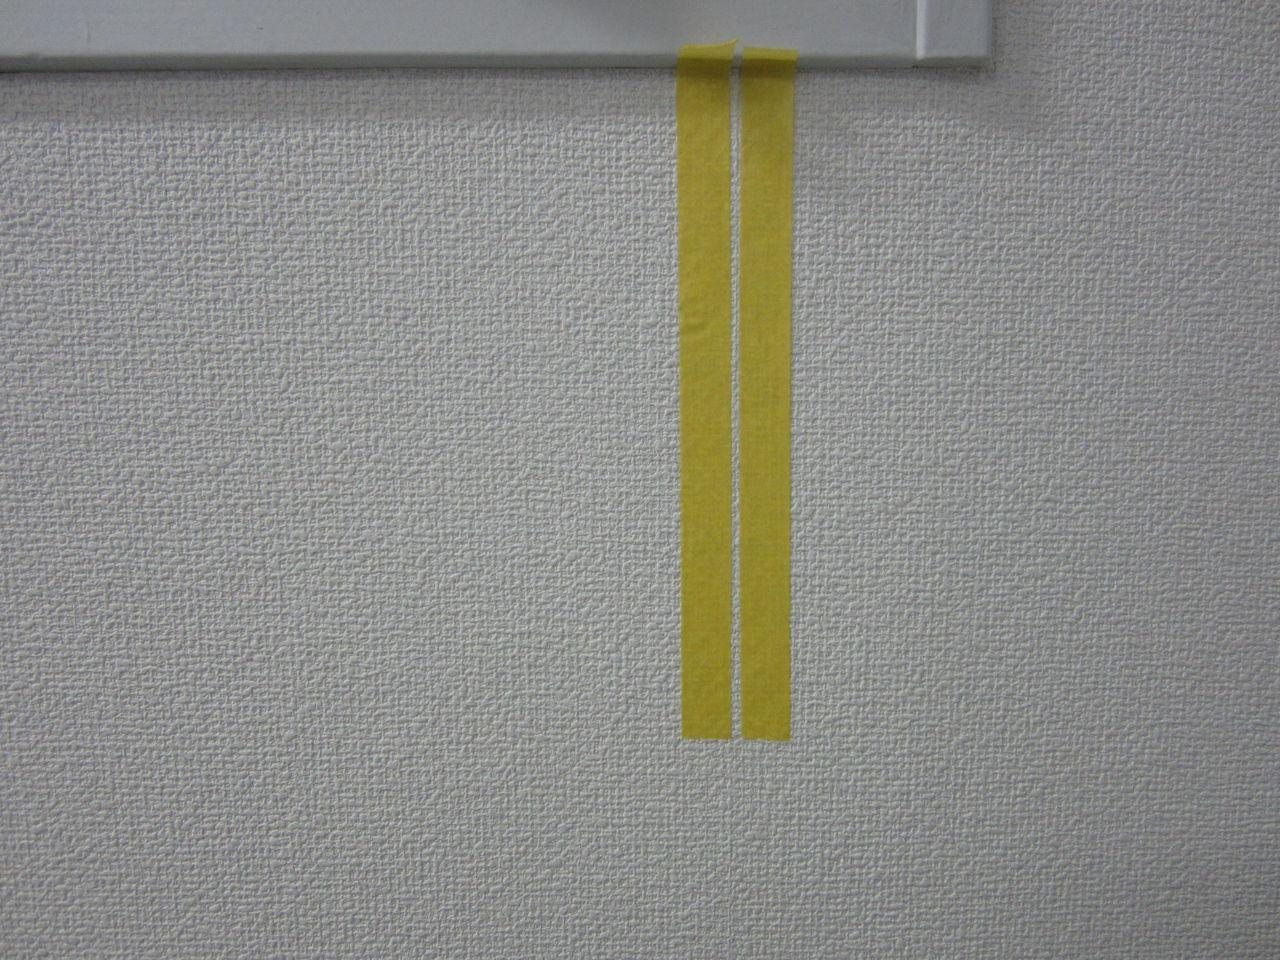 自分でできるメンテナンス 壁紙編 レスコハウス ブログ